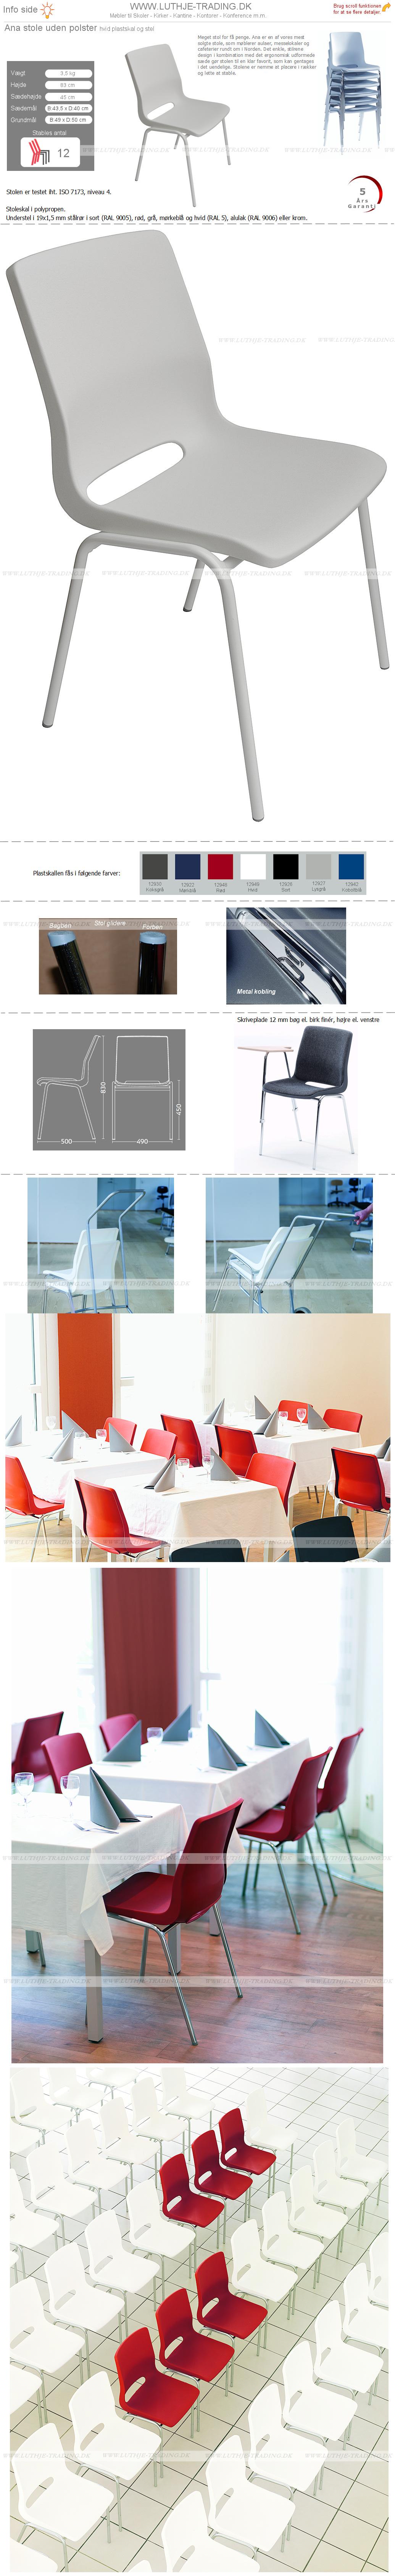 Ana stol med hvid plastskal og med hvid stel. Stables op til 12 stk. Der fås en vogn til Ana stole. Vi giver gerne det bedste tilbud på en Ana stol.